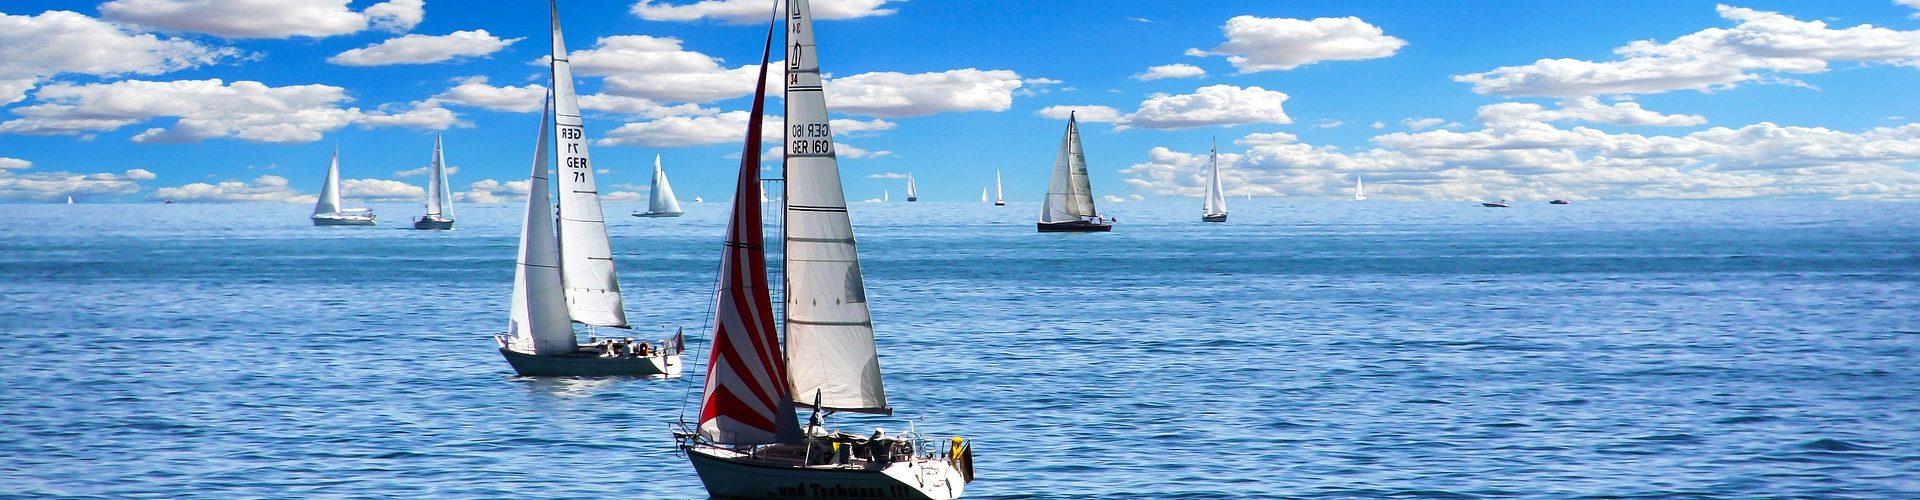 segeln lernen in Kaufbeuren segelschein machen in Kaufbeuren 1920x500 - Segeln lernen in Kaufbeuren